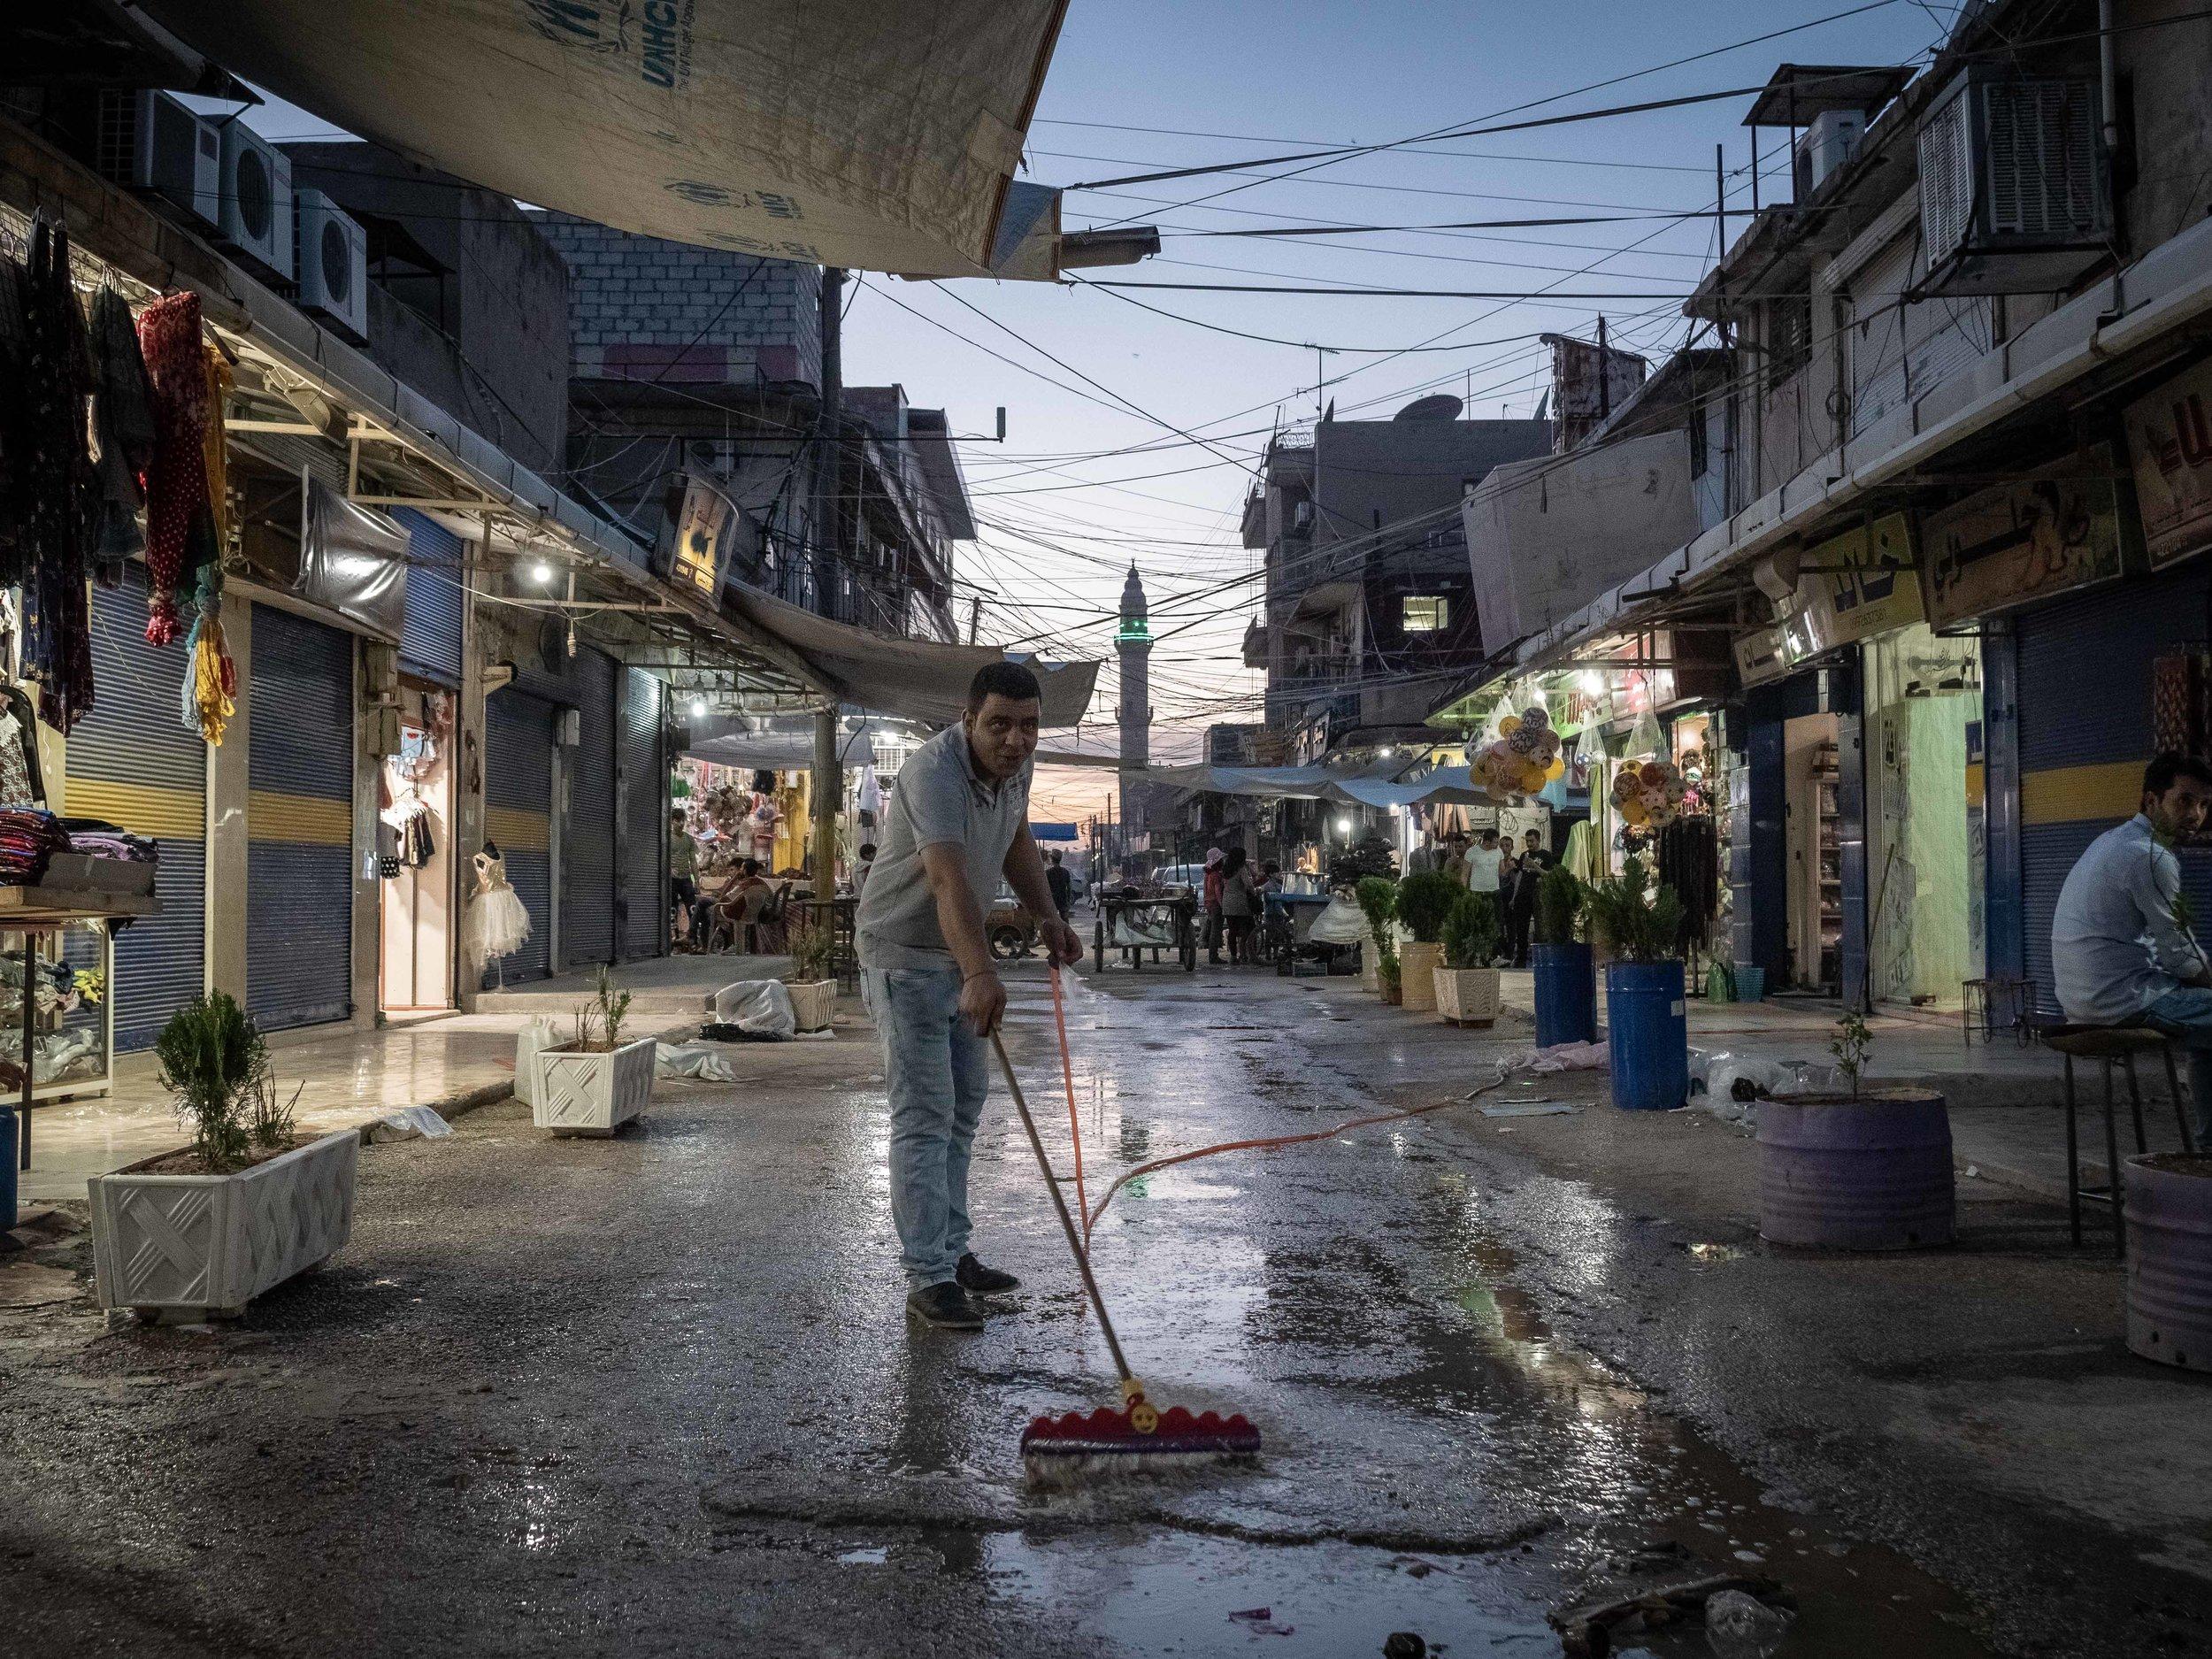 30/05/19, Al Qamishli, Syria - The market of Qamishli